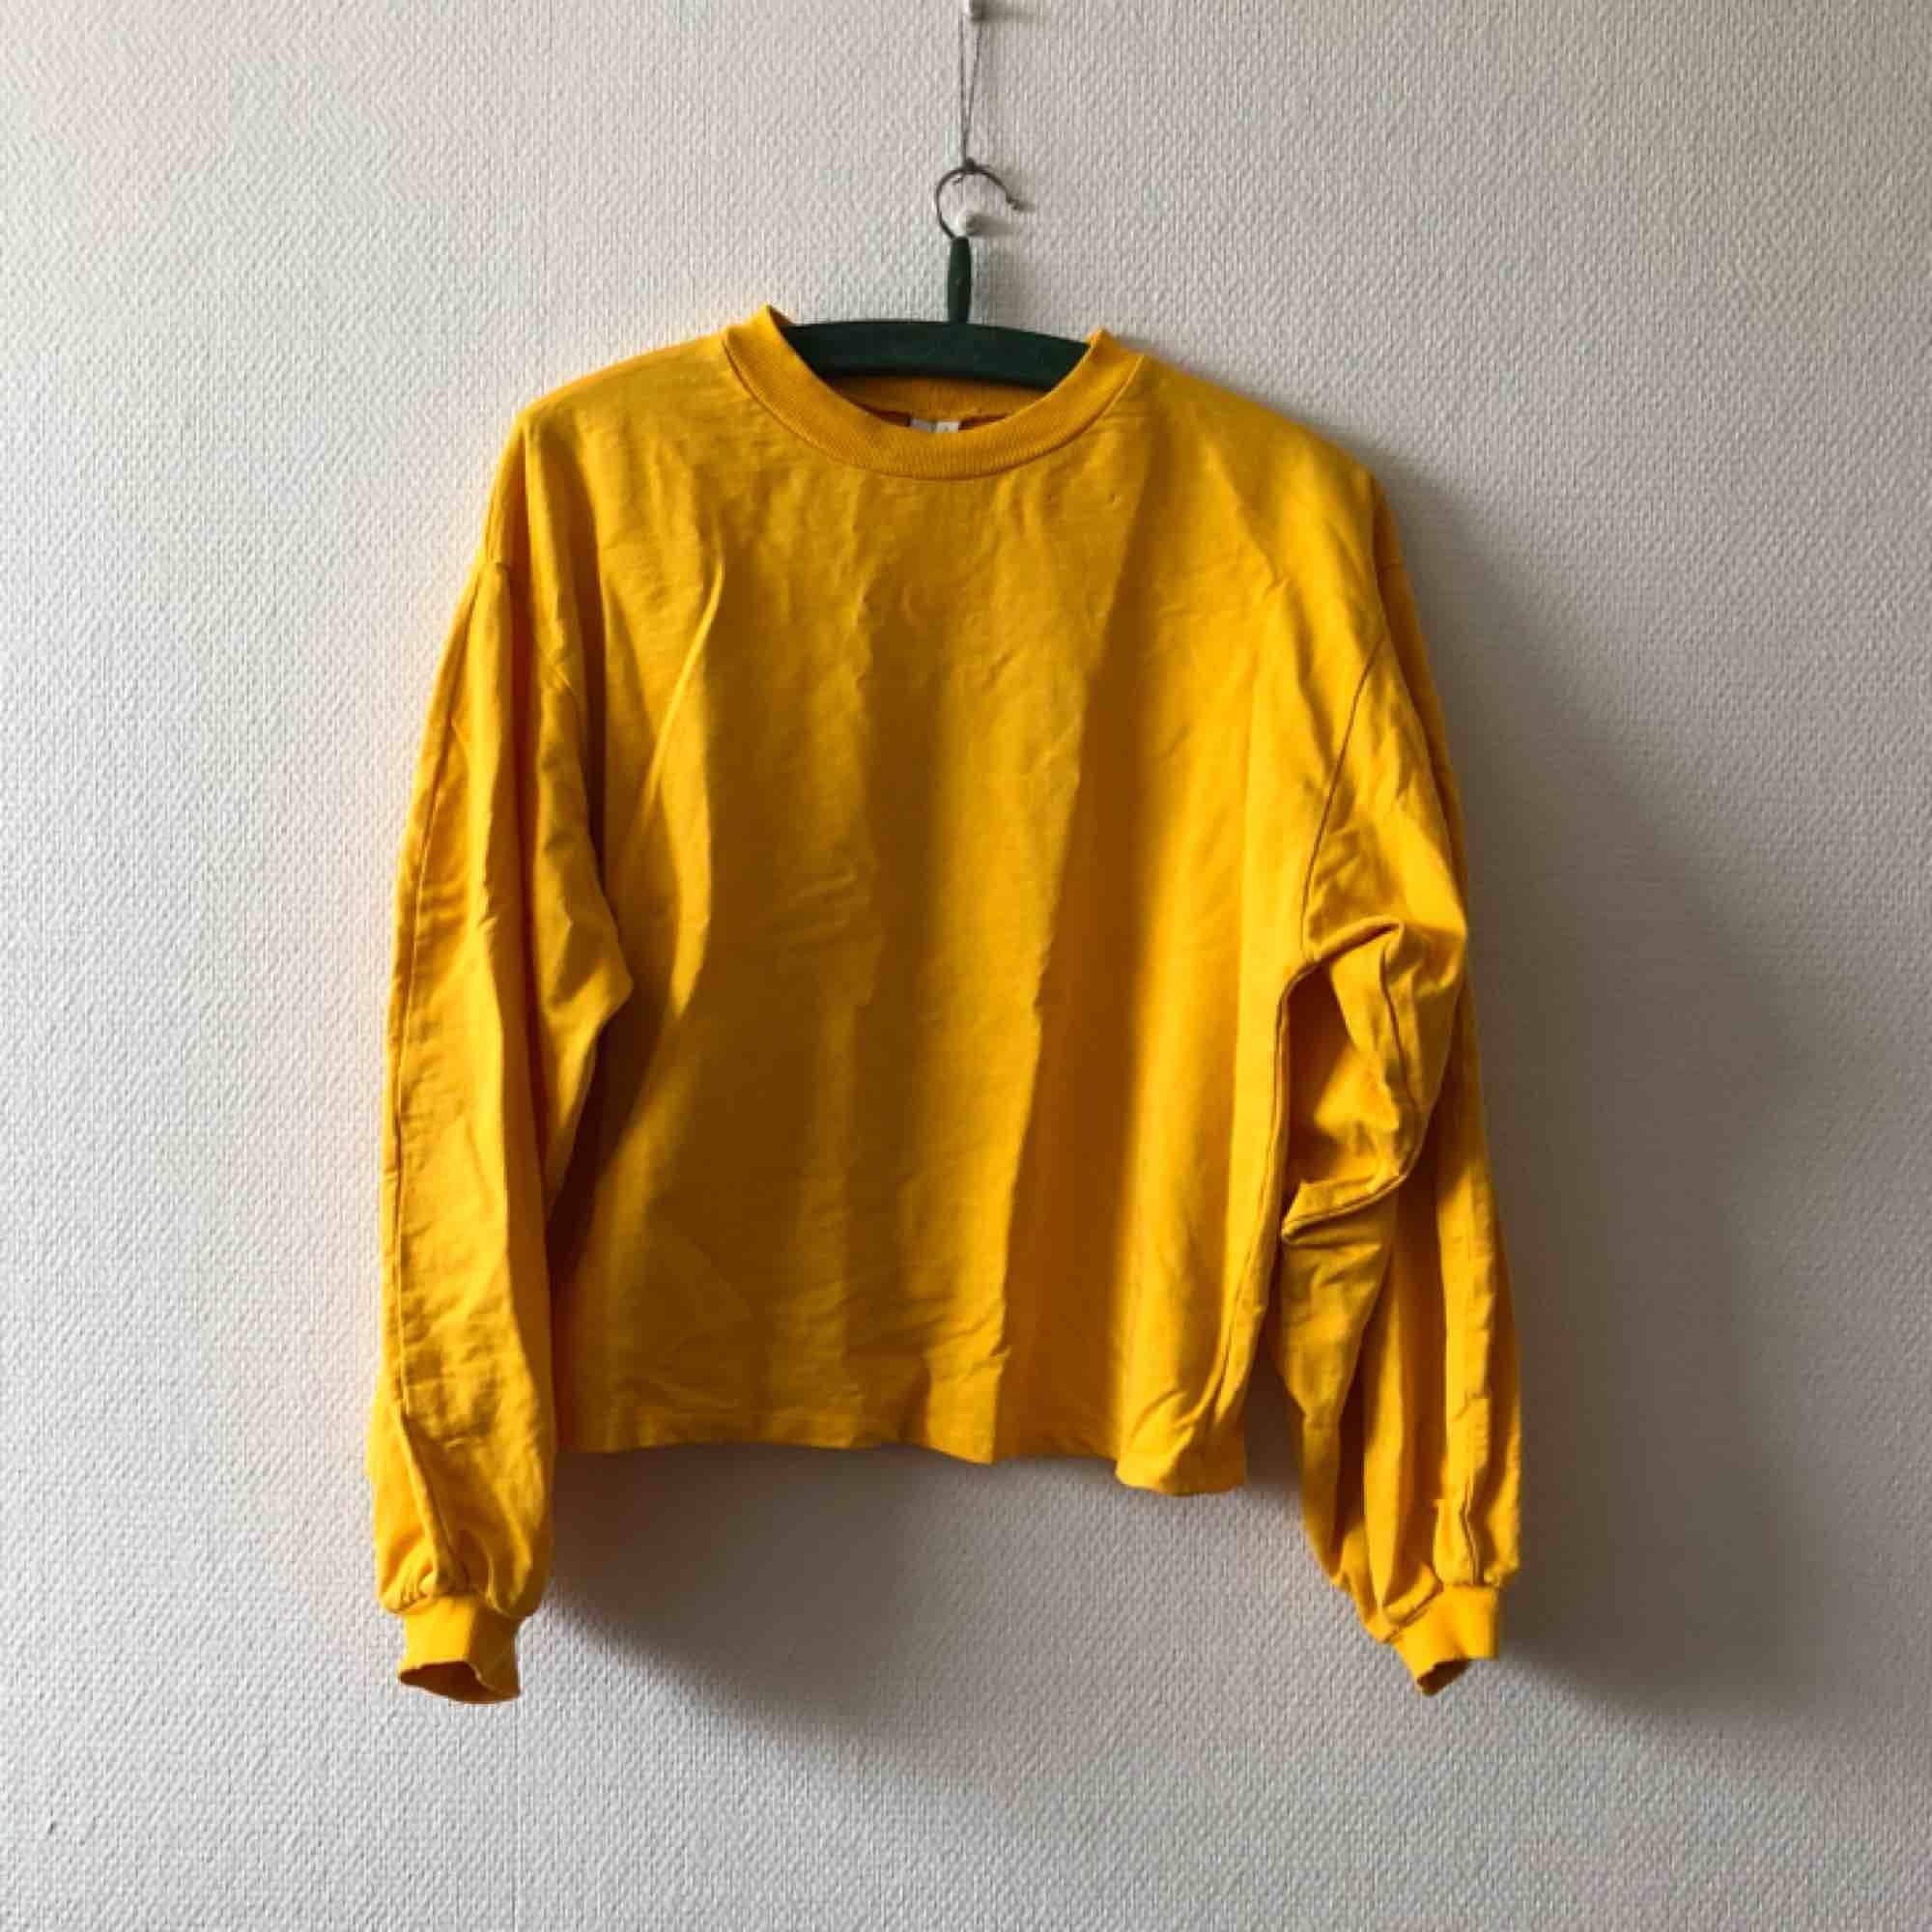 Härligaste tröjan med breda ballongärmar & vackraste nyansen av gul | • Nelly Trend • Storlek S men boxig så passar även M • 100% bomull • Köpt 2hand, superfint skick förutom två små hål (bild 3) • + Frakt 63kr spårbart . Tröjor & Koftor.